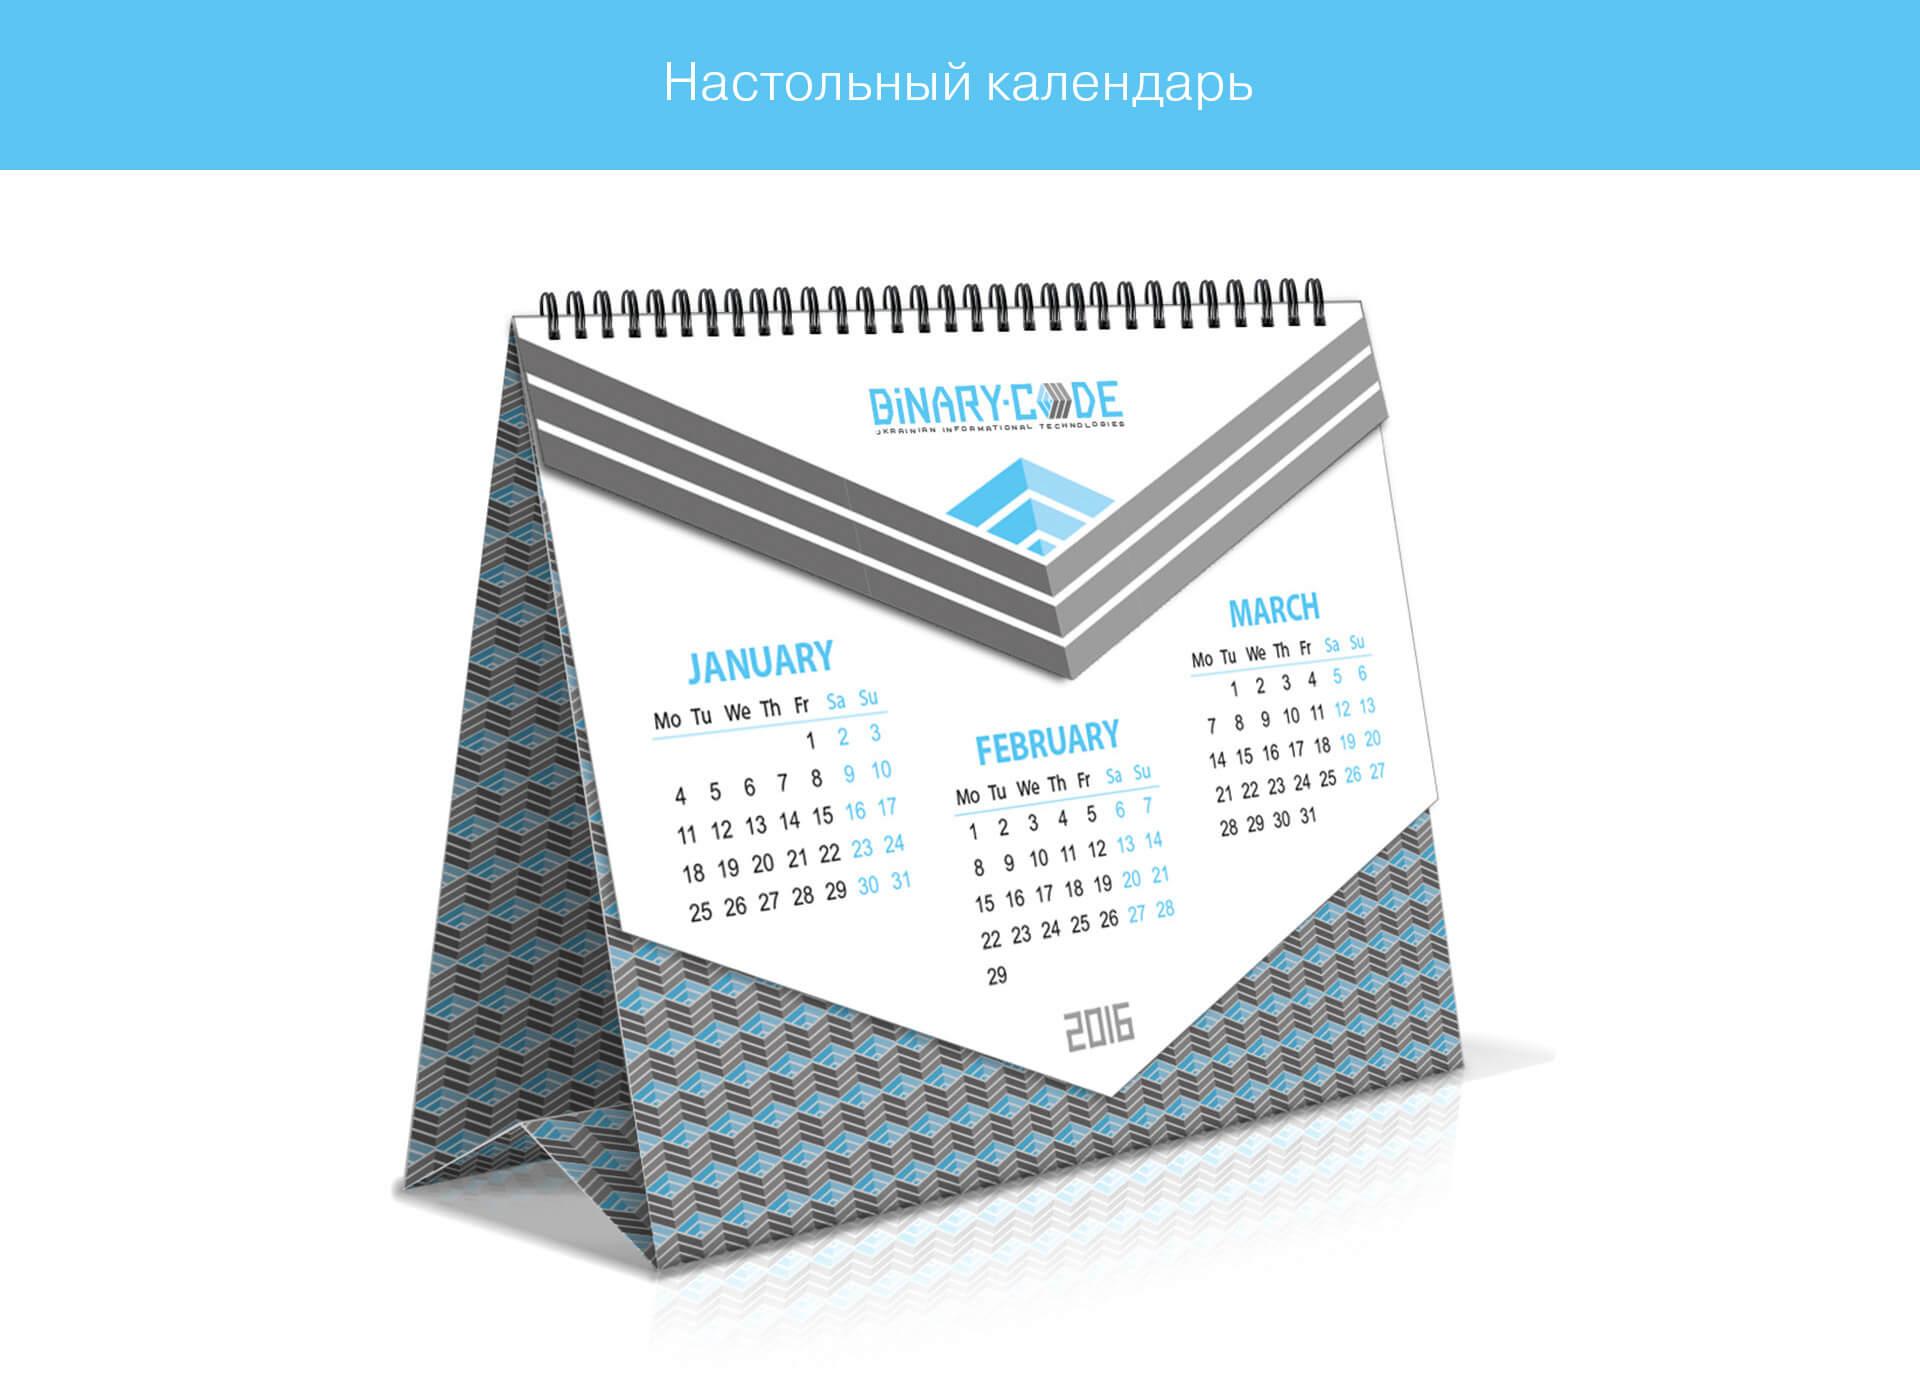 Prokochuk_Irina_BINARY-CODE_15